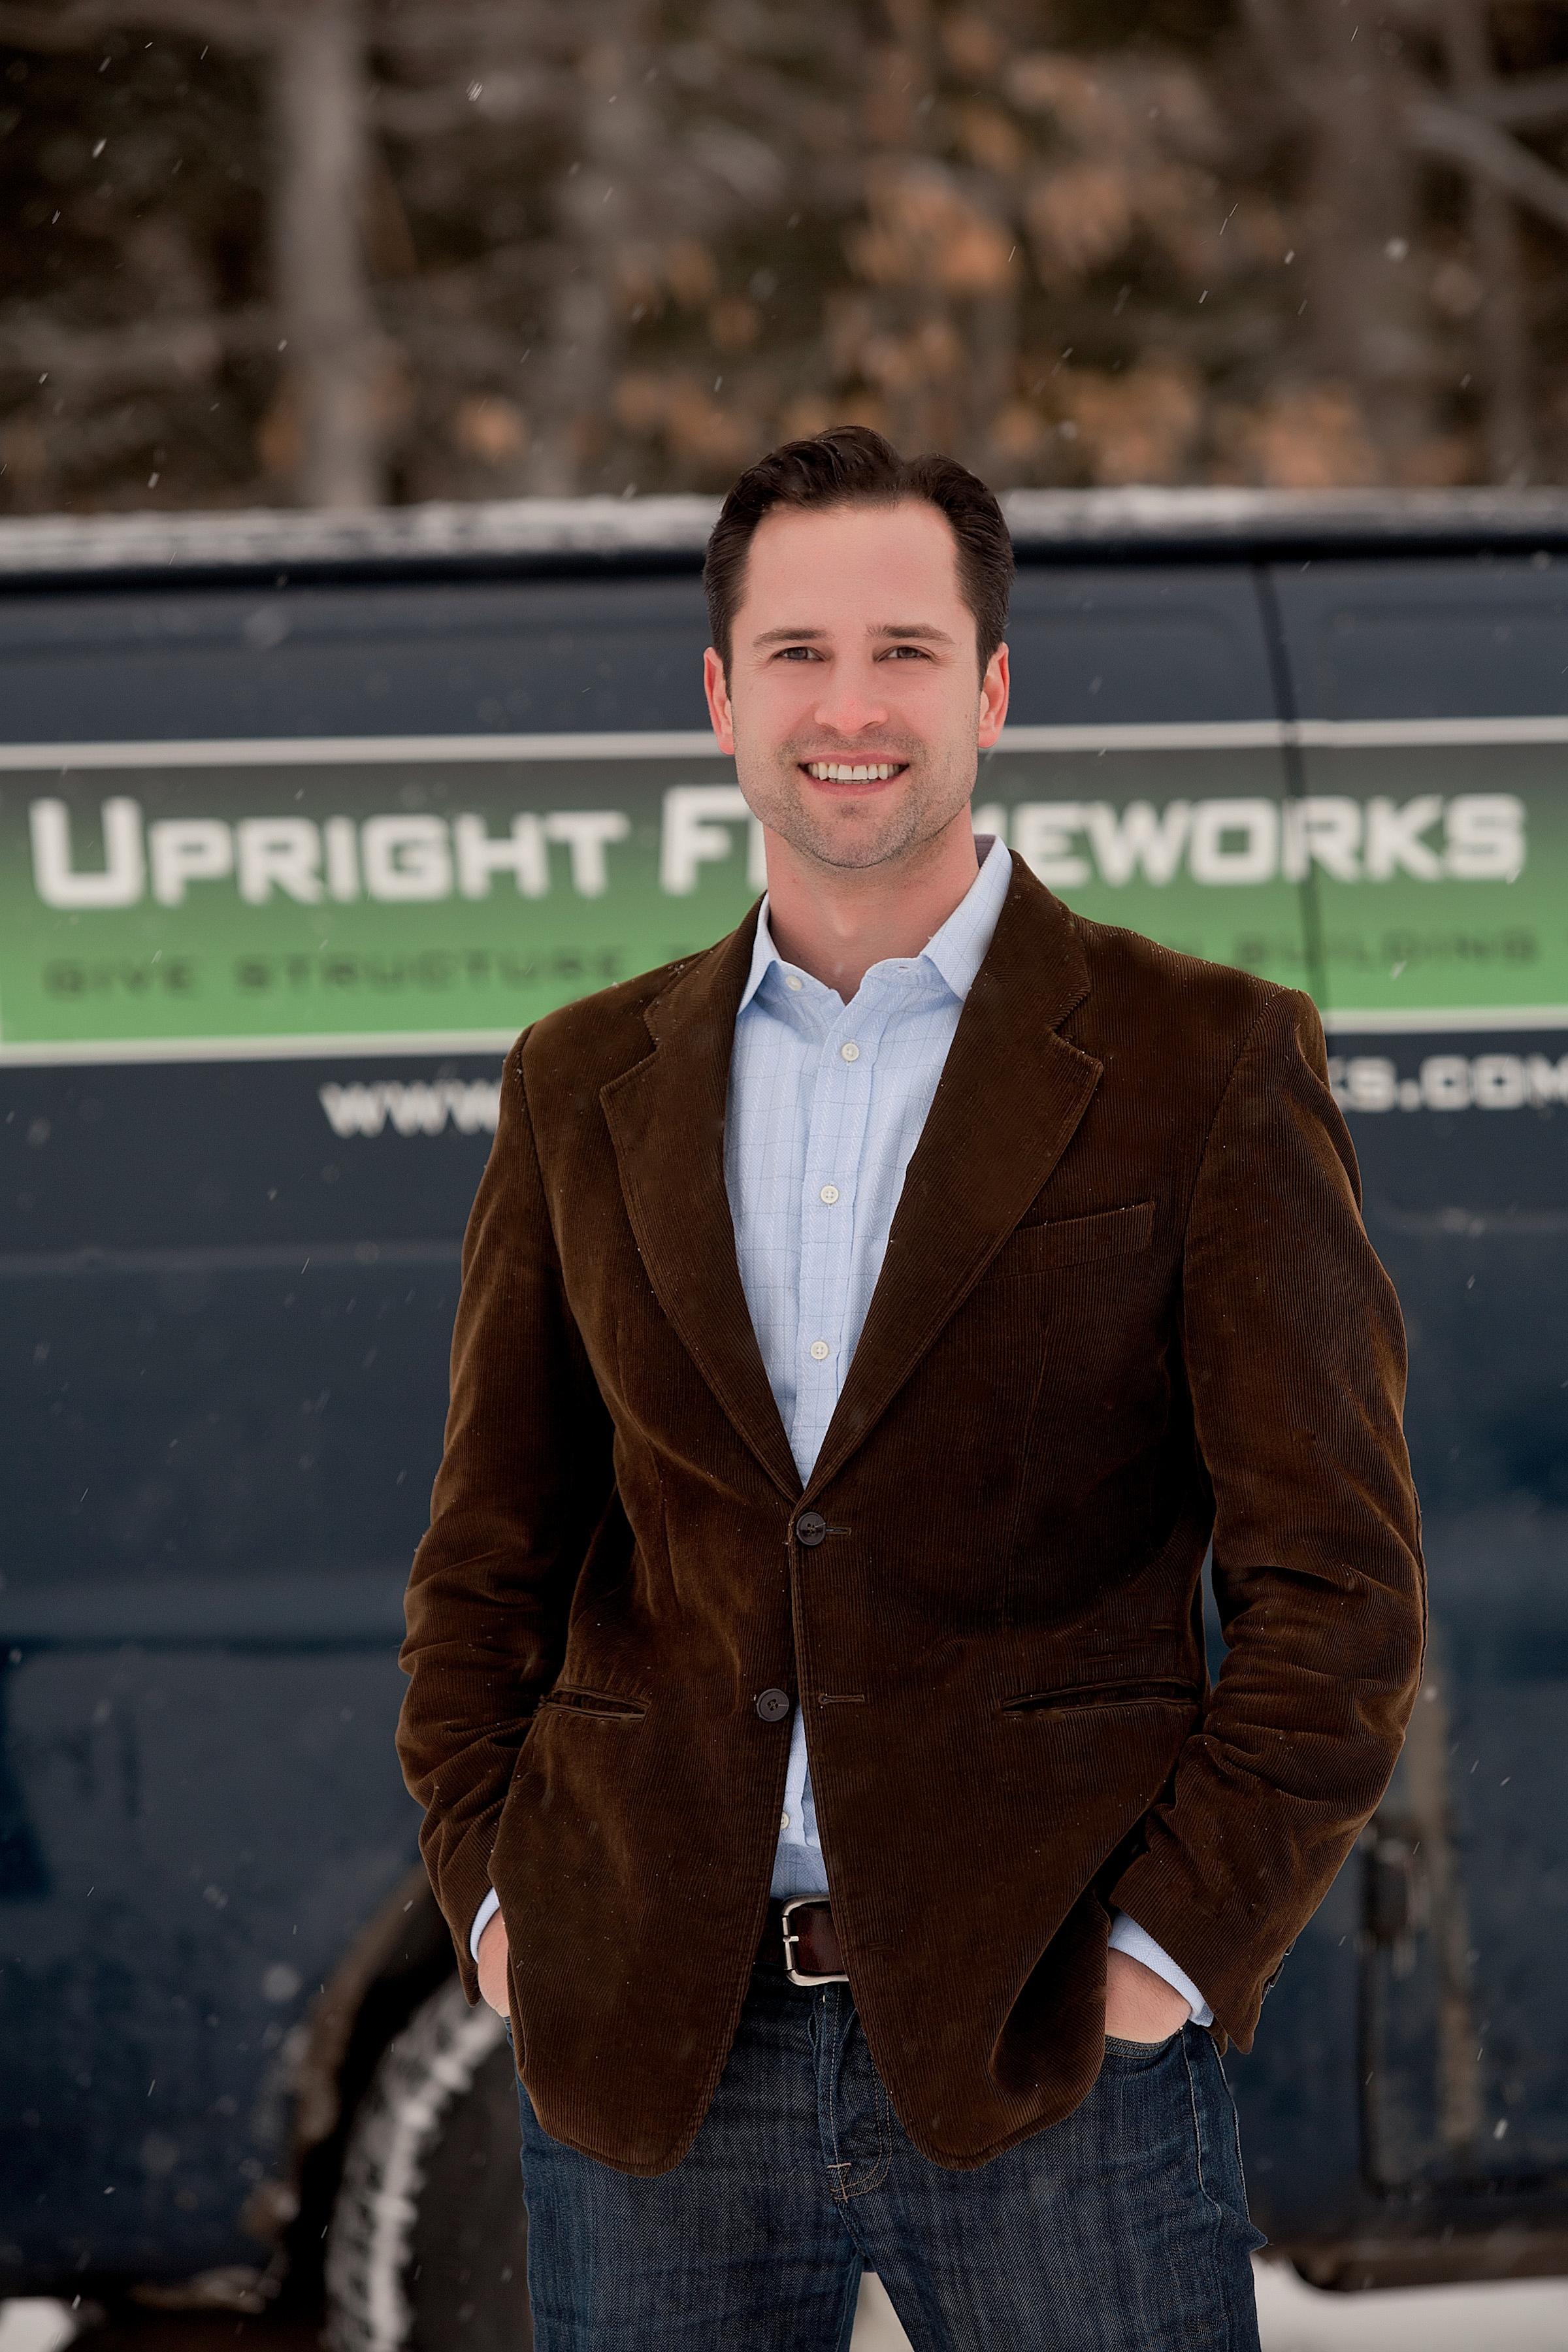 Joshua Wojcik , CEO, Upright Frameworks